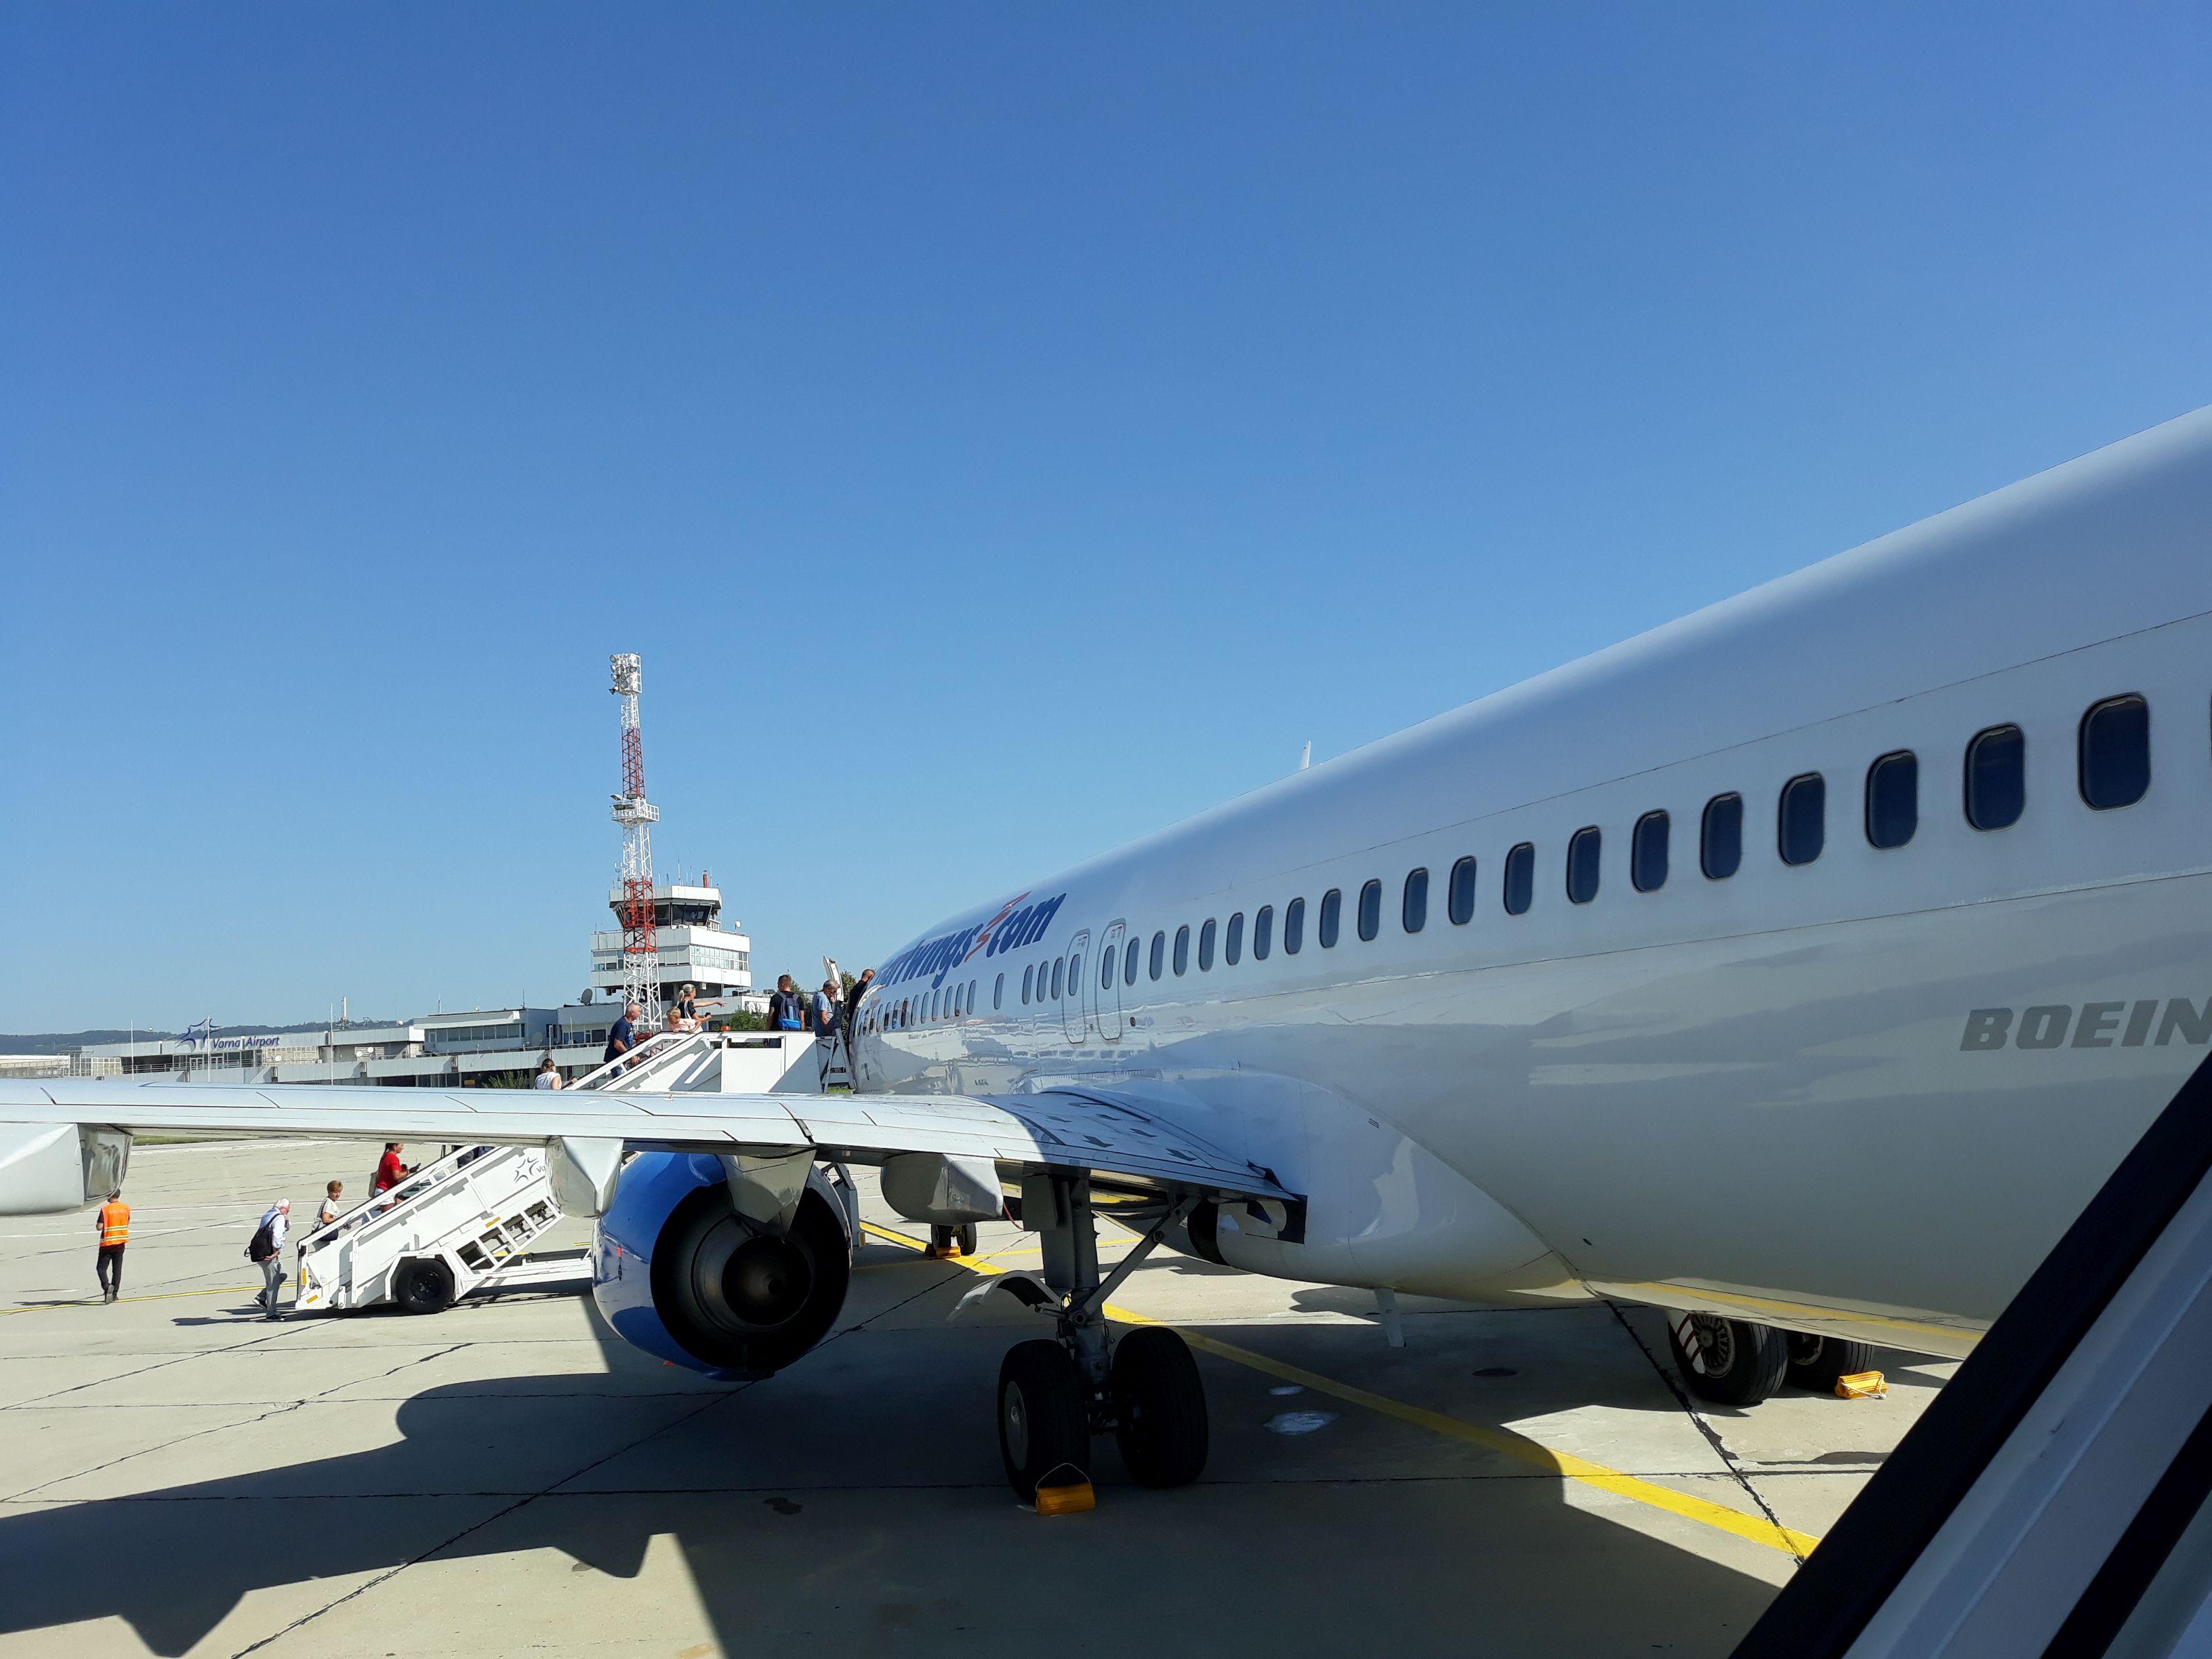 Takiej historii na lotnisku jeszcze nie było. 22 podróżnych z fałszywymi biletami